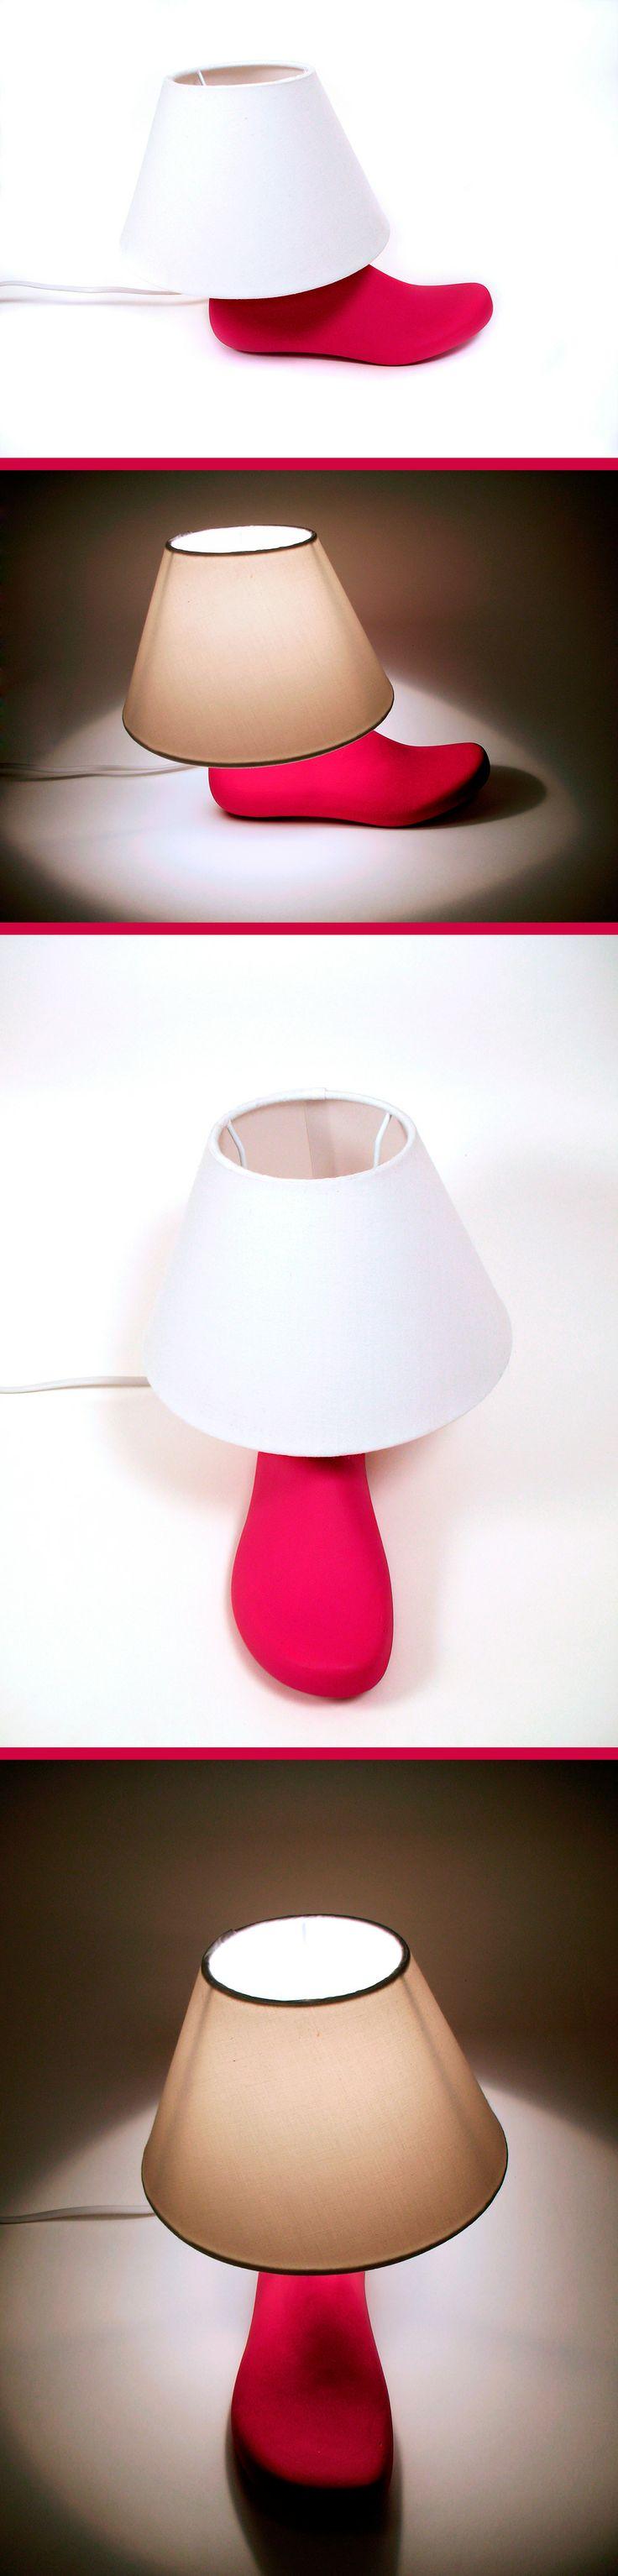 Ciao a tutti! Sto realizzando delle simpatiche lampade da tavolo utilizzando delle forme da calzolaio che stavano per essere gettate via, fortunatamente siamo intervenuti prima che accadesse l'irreparabile.   Spero vi piacciano.